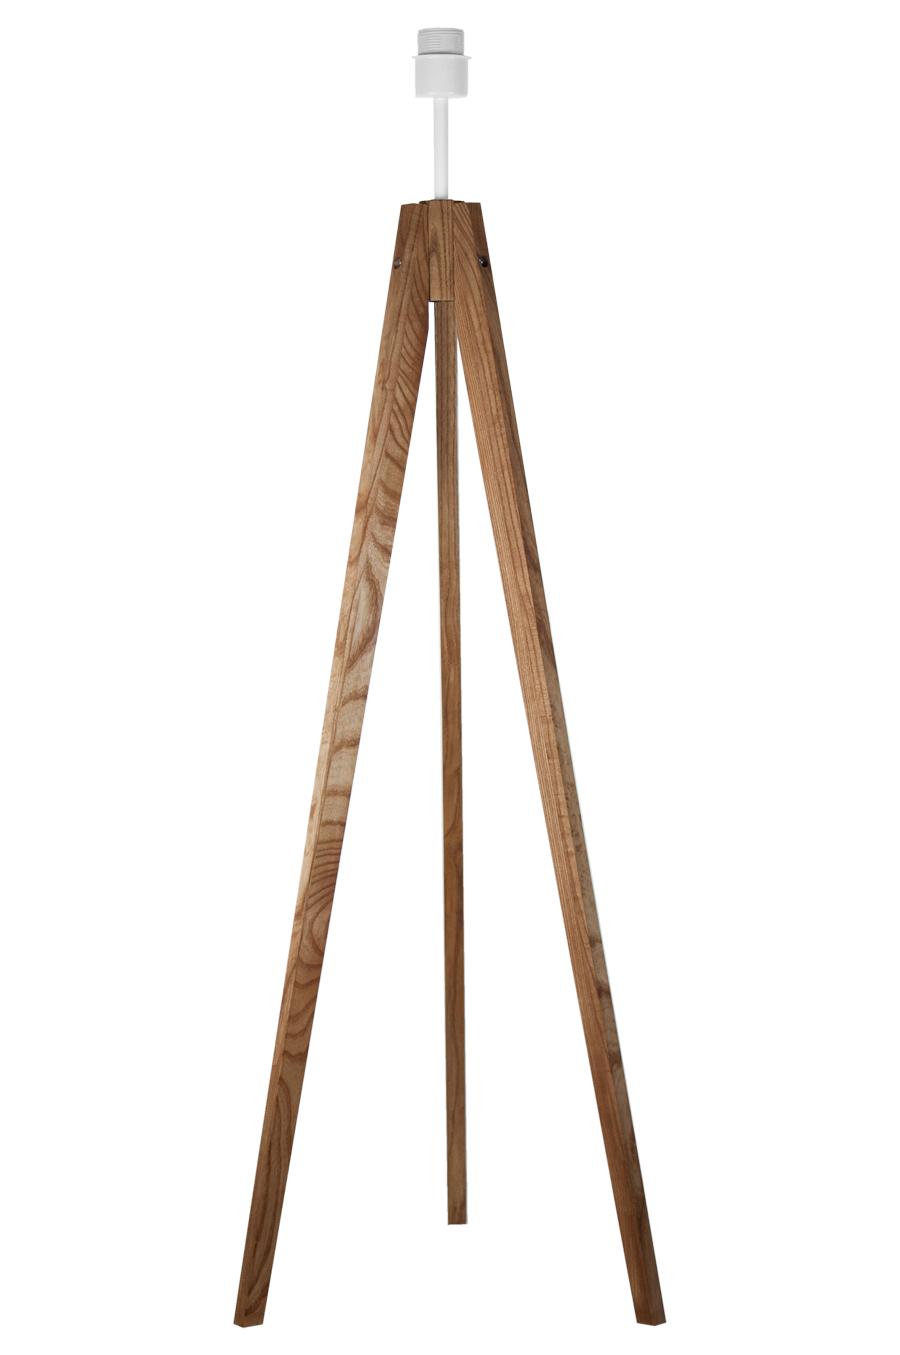 youngDECO podstawa lampy podłogowej trójnóg dębowy (2)